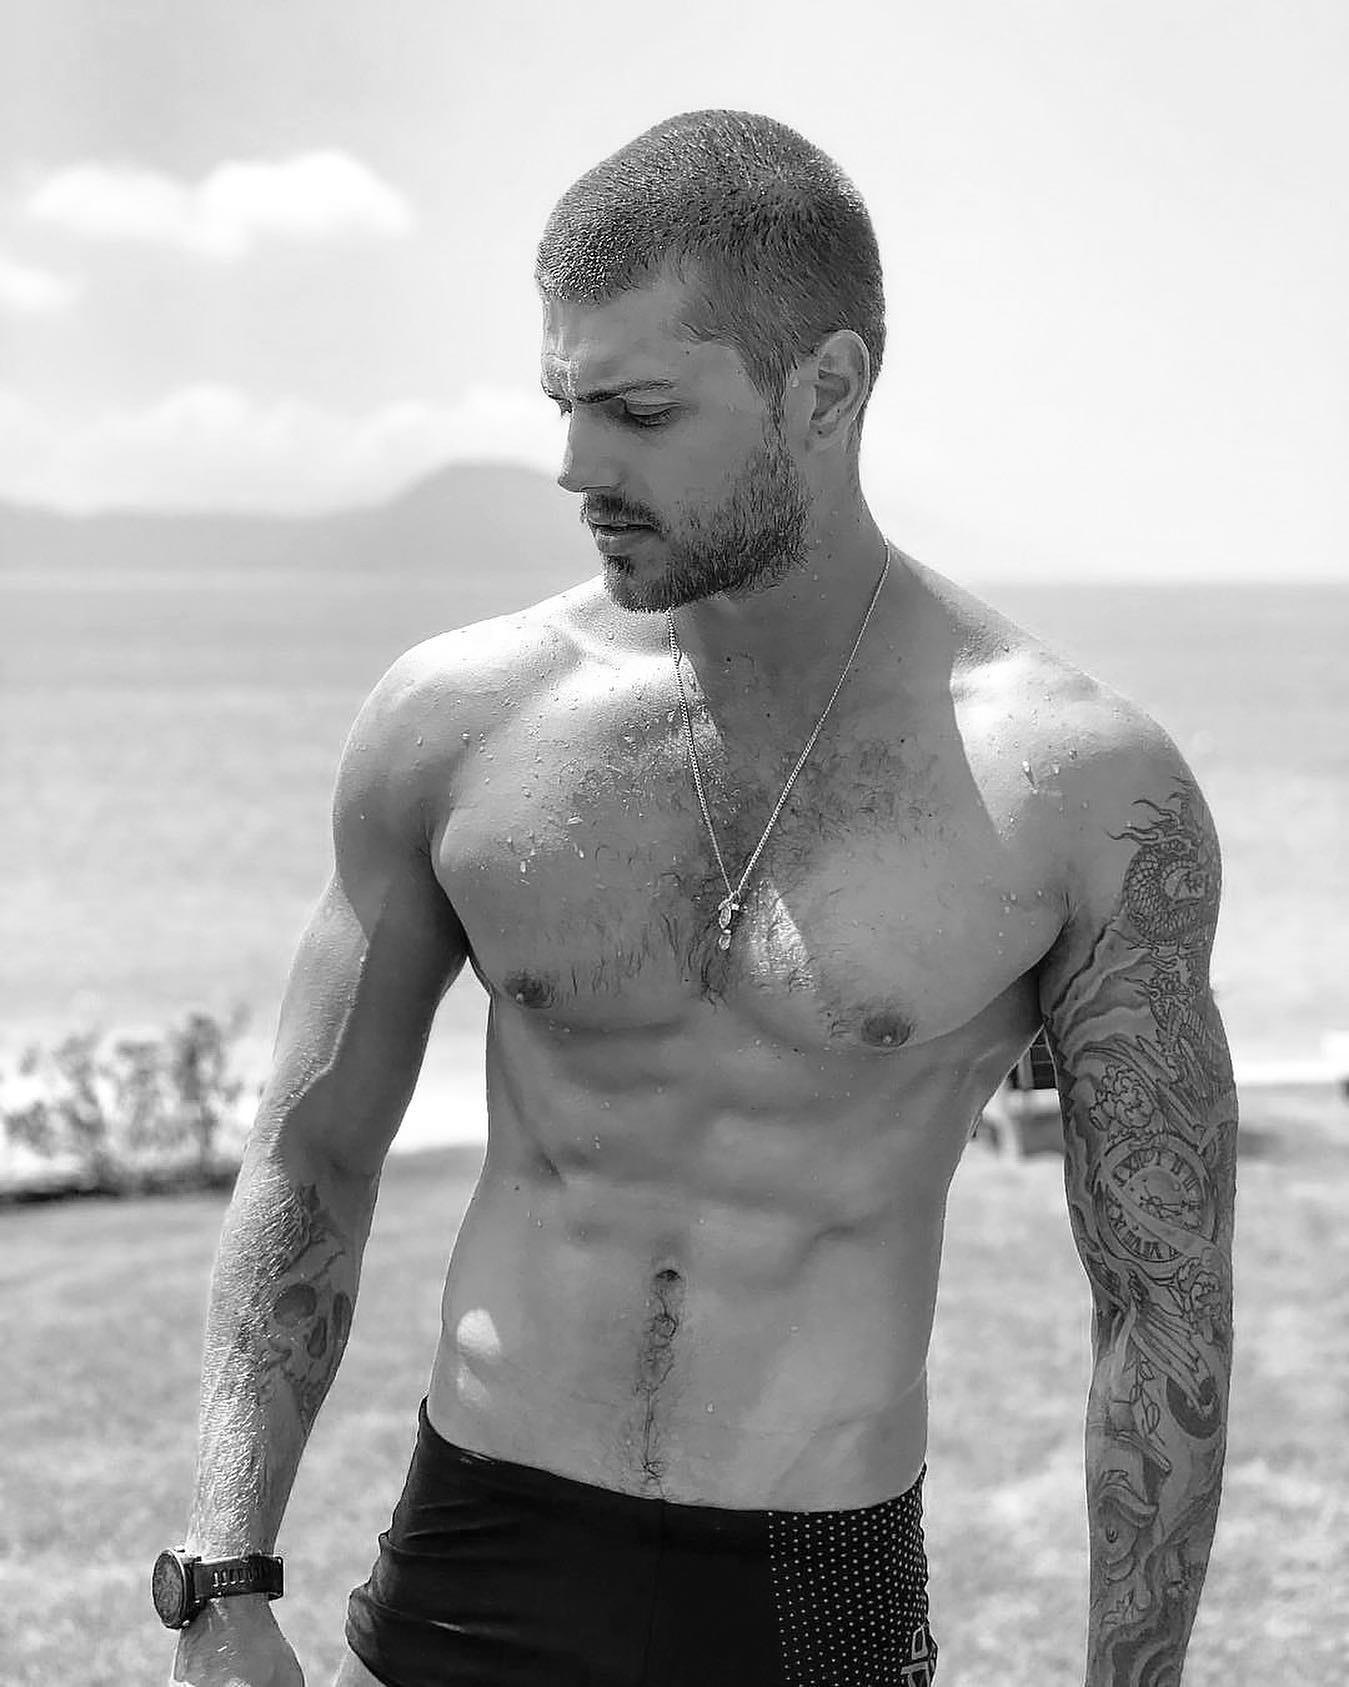 #men #blackandwhite #abs #sixpack #tatoo #beach #hotmen #hunks